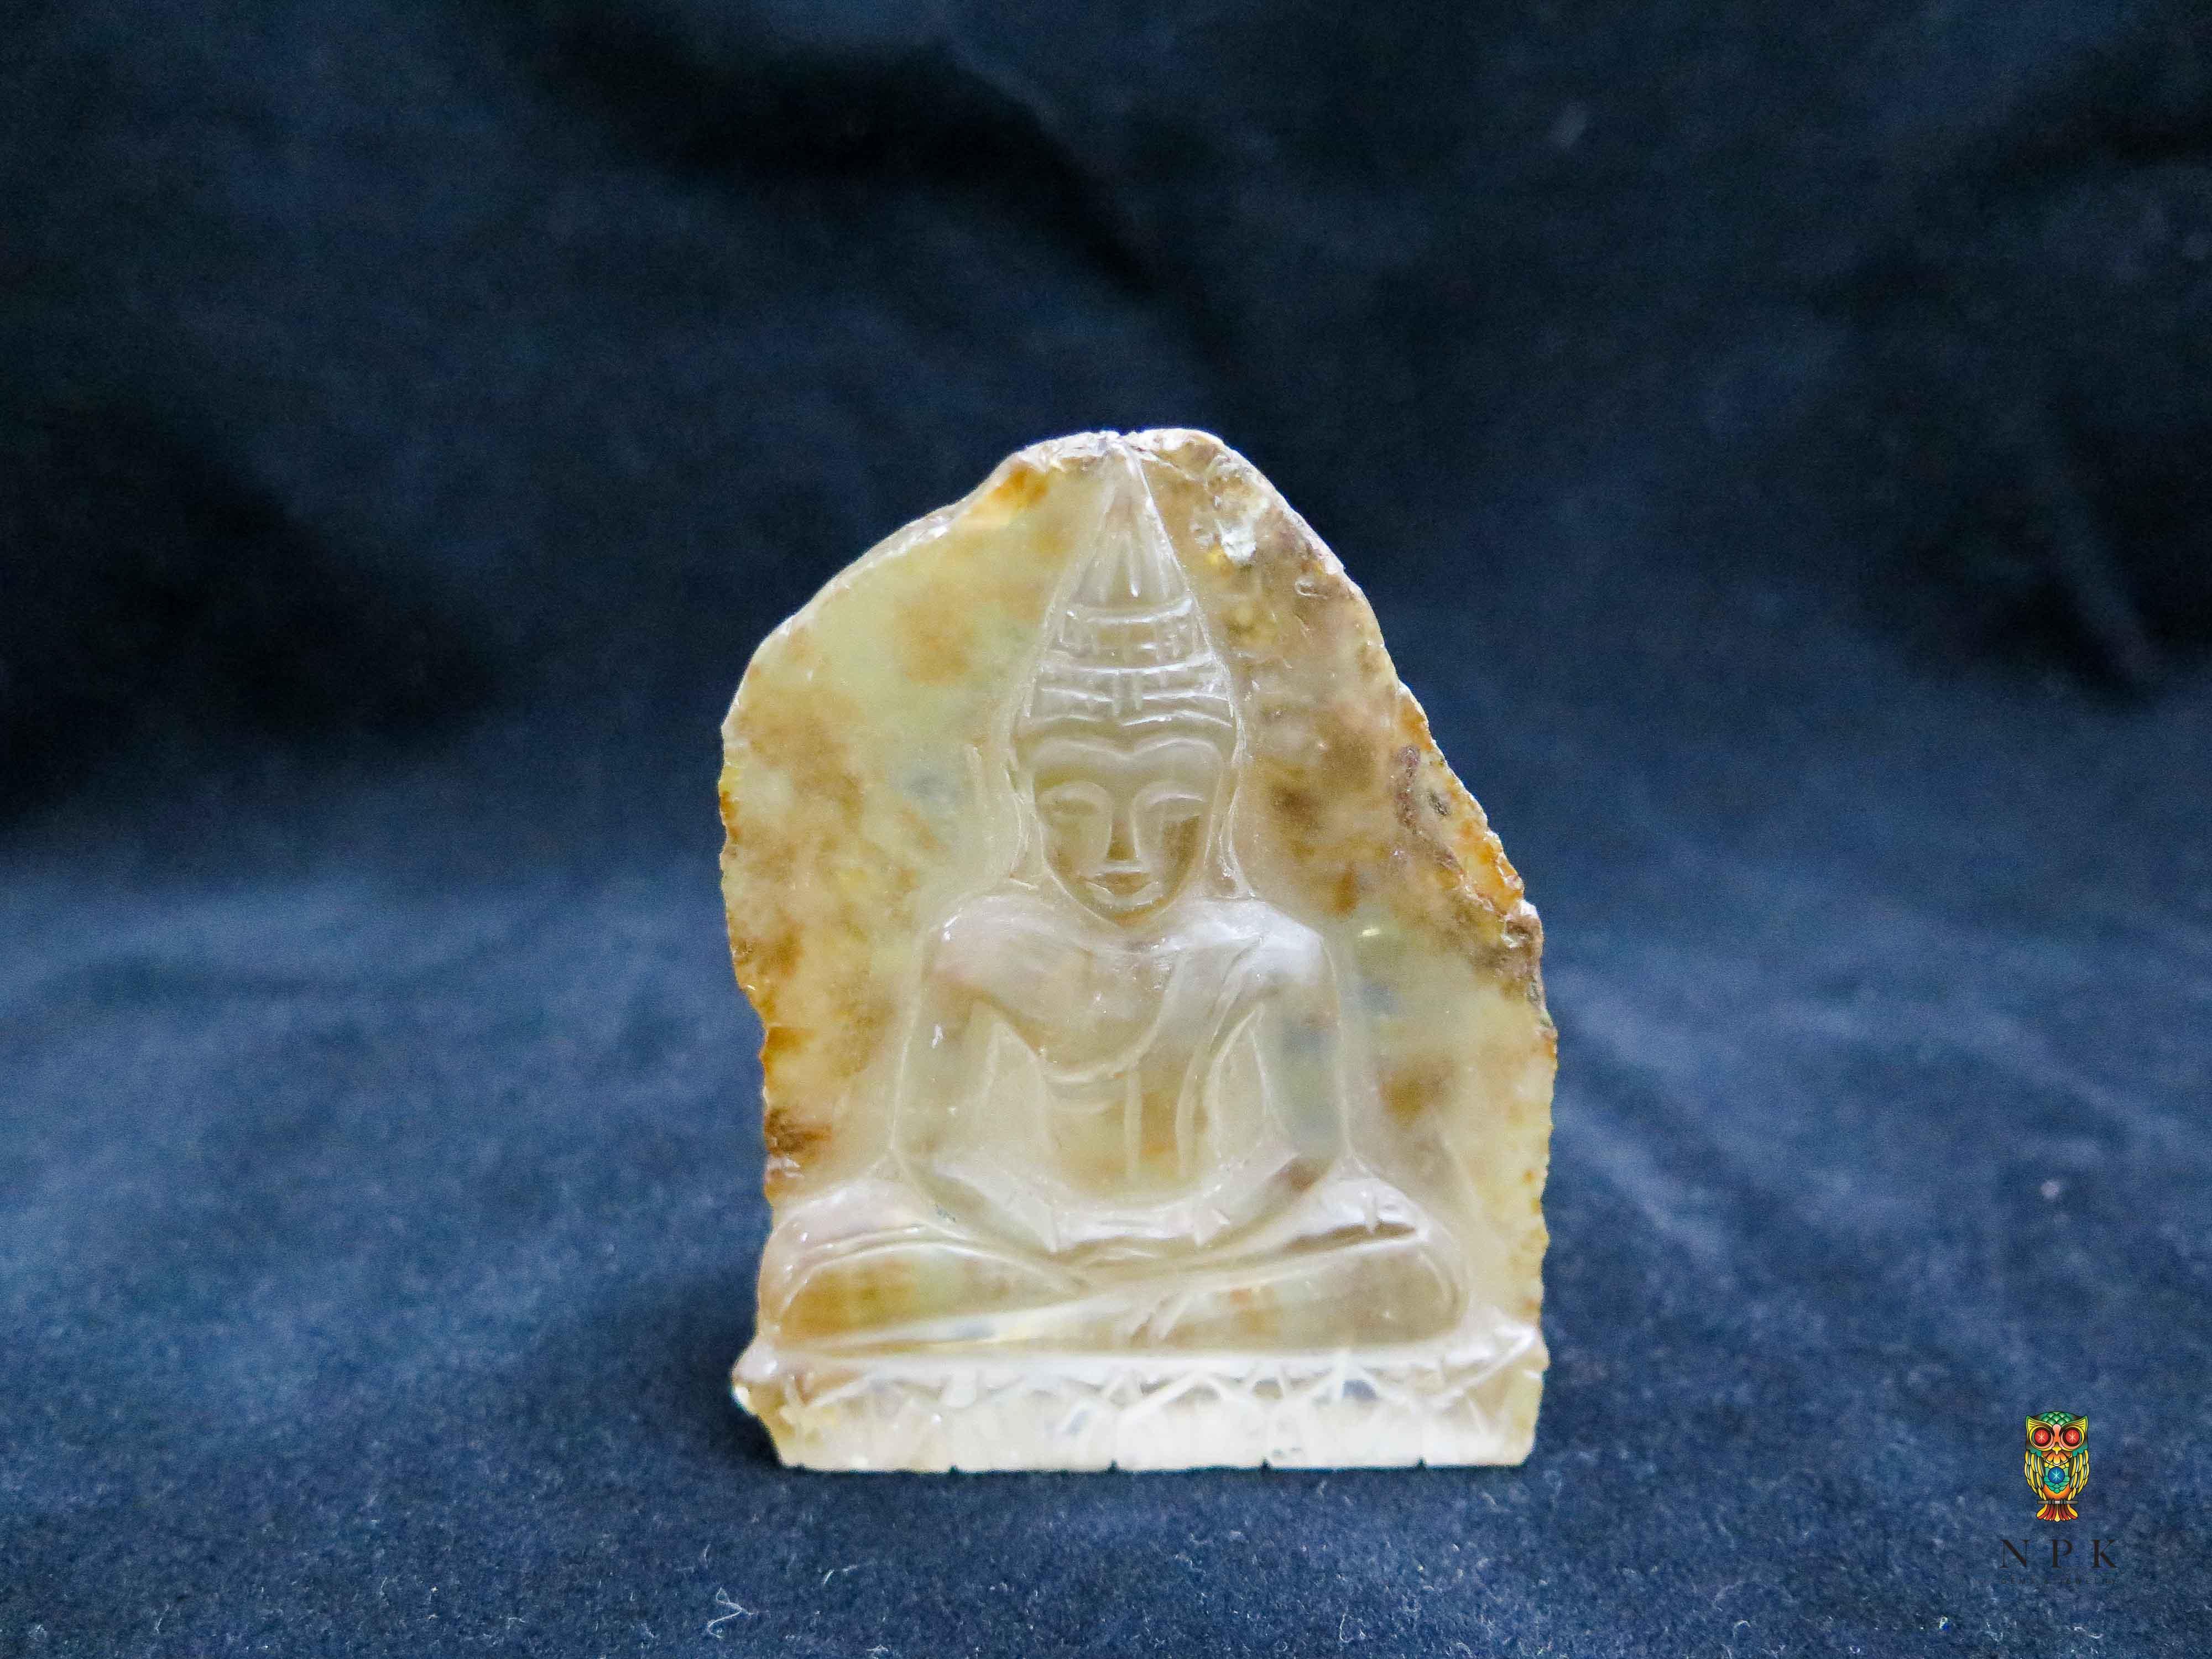 พระพุทธรูปแกะสลักควอตซ์ (Buddha Quartz Craving )